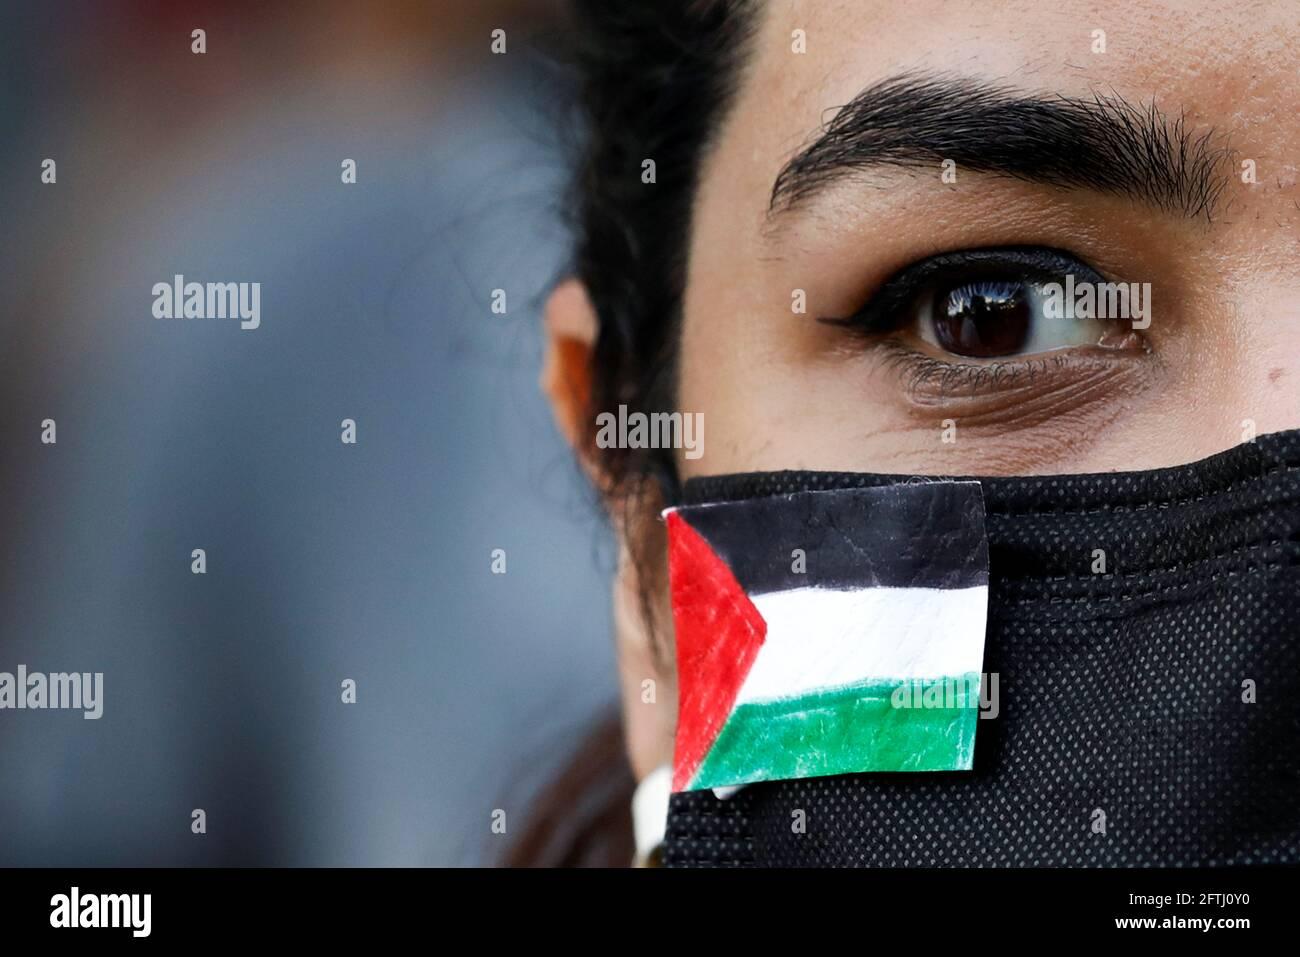 Eine Frau trägt eine palästinensische Fahne auf ihrer Schutzmaske, um ihre Solidarität mit dem palästinensischen Volk auszudrücken und gegen Israel zu protestieren, während einer Kundgebung in Karachi, Pakistan, am 21. Mai 2021. REUTERS/Akhtar Soomro Stockfoto